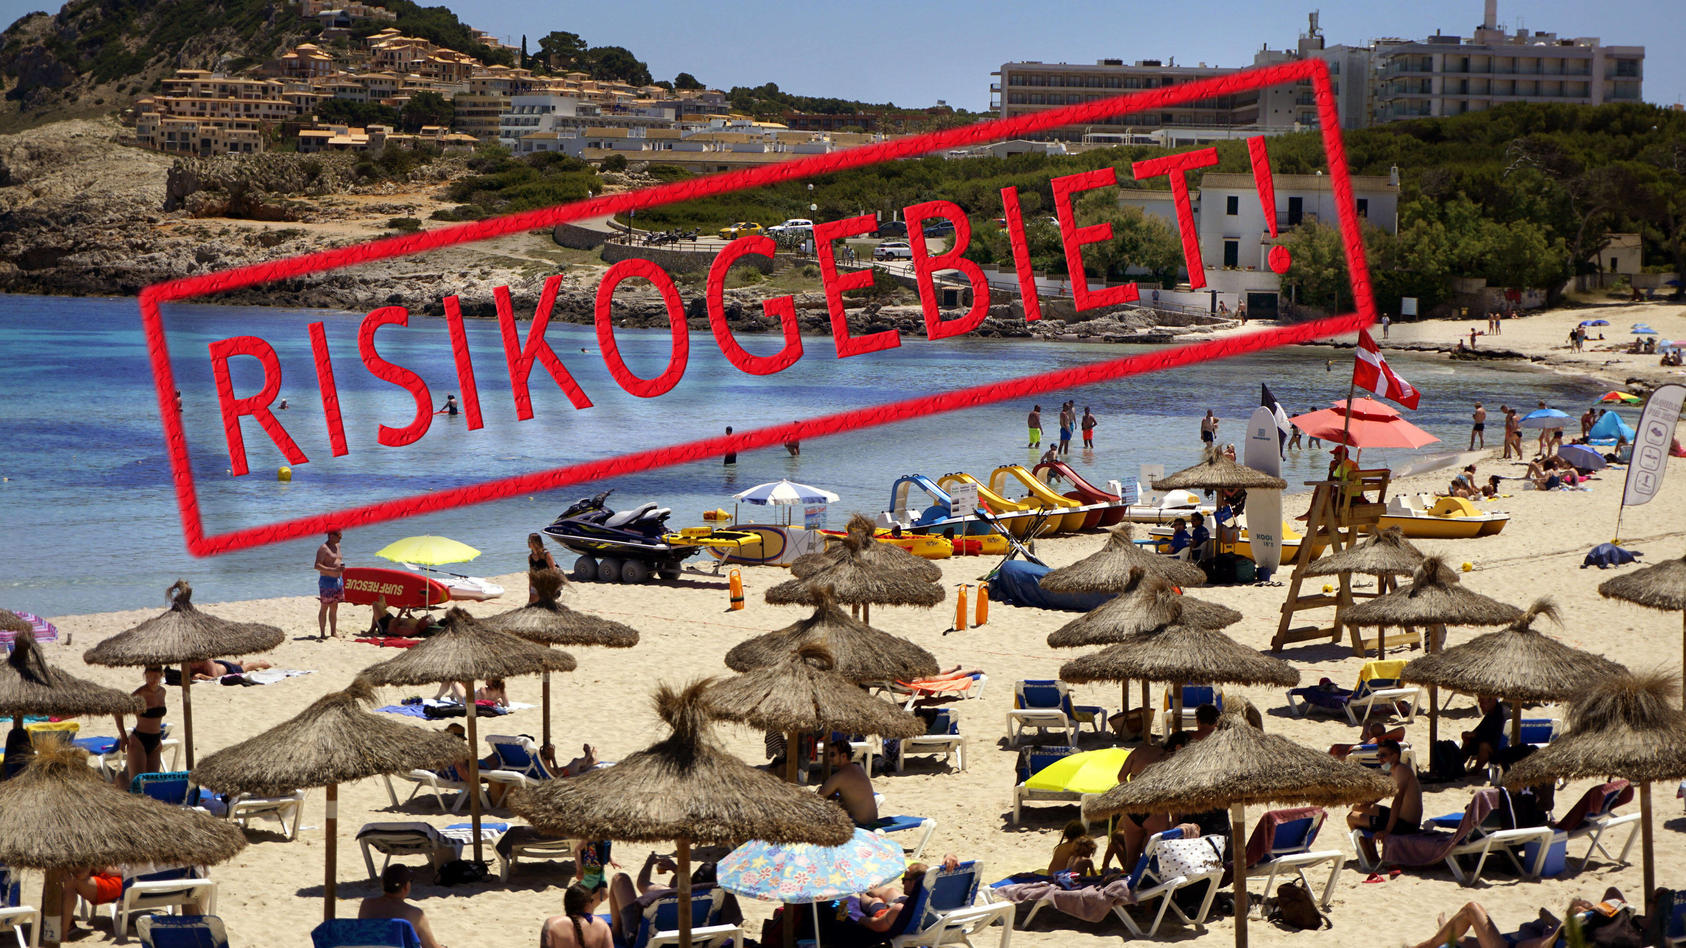 Wer Urlaub in Spanien oder anderen Regionen mit hohen Inzidenzen macht, sollte wissen, wann und wo die Ansteckungsgefahr besonders hoch ist.